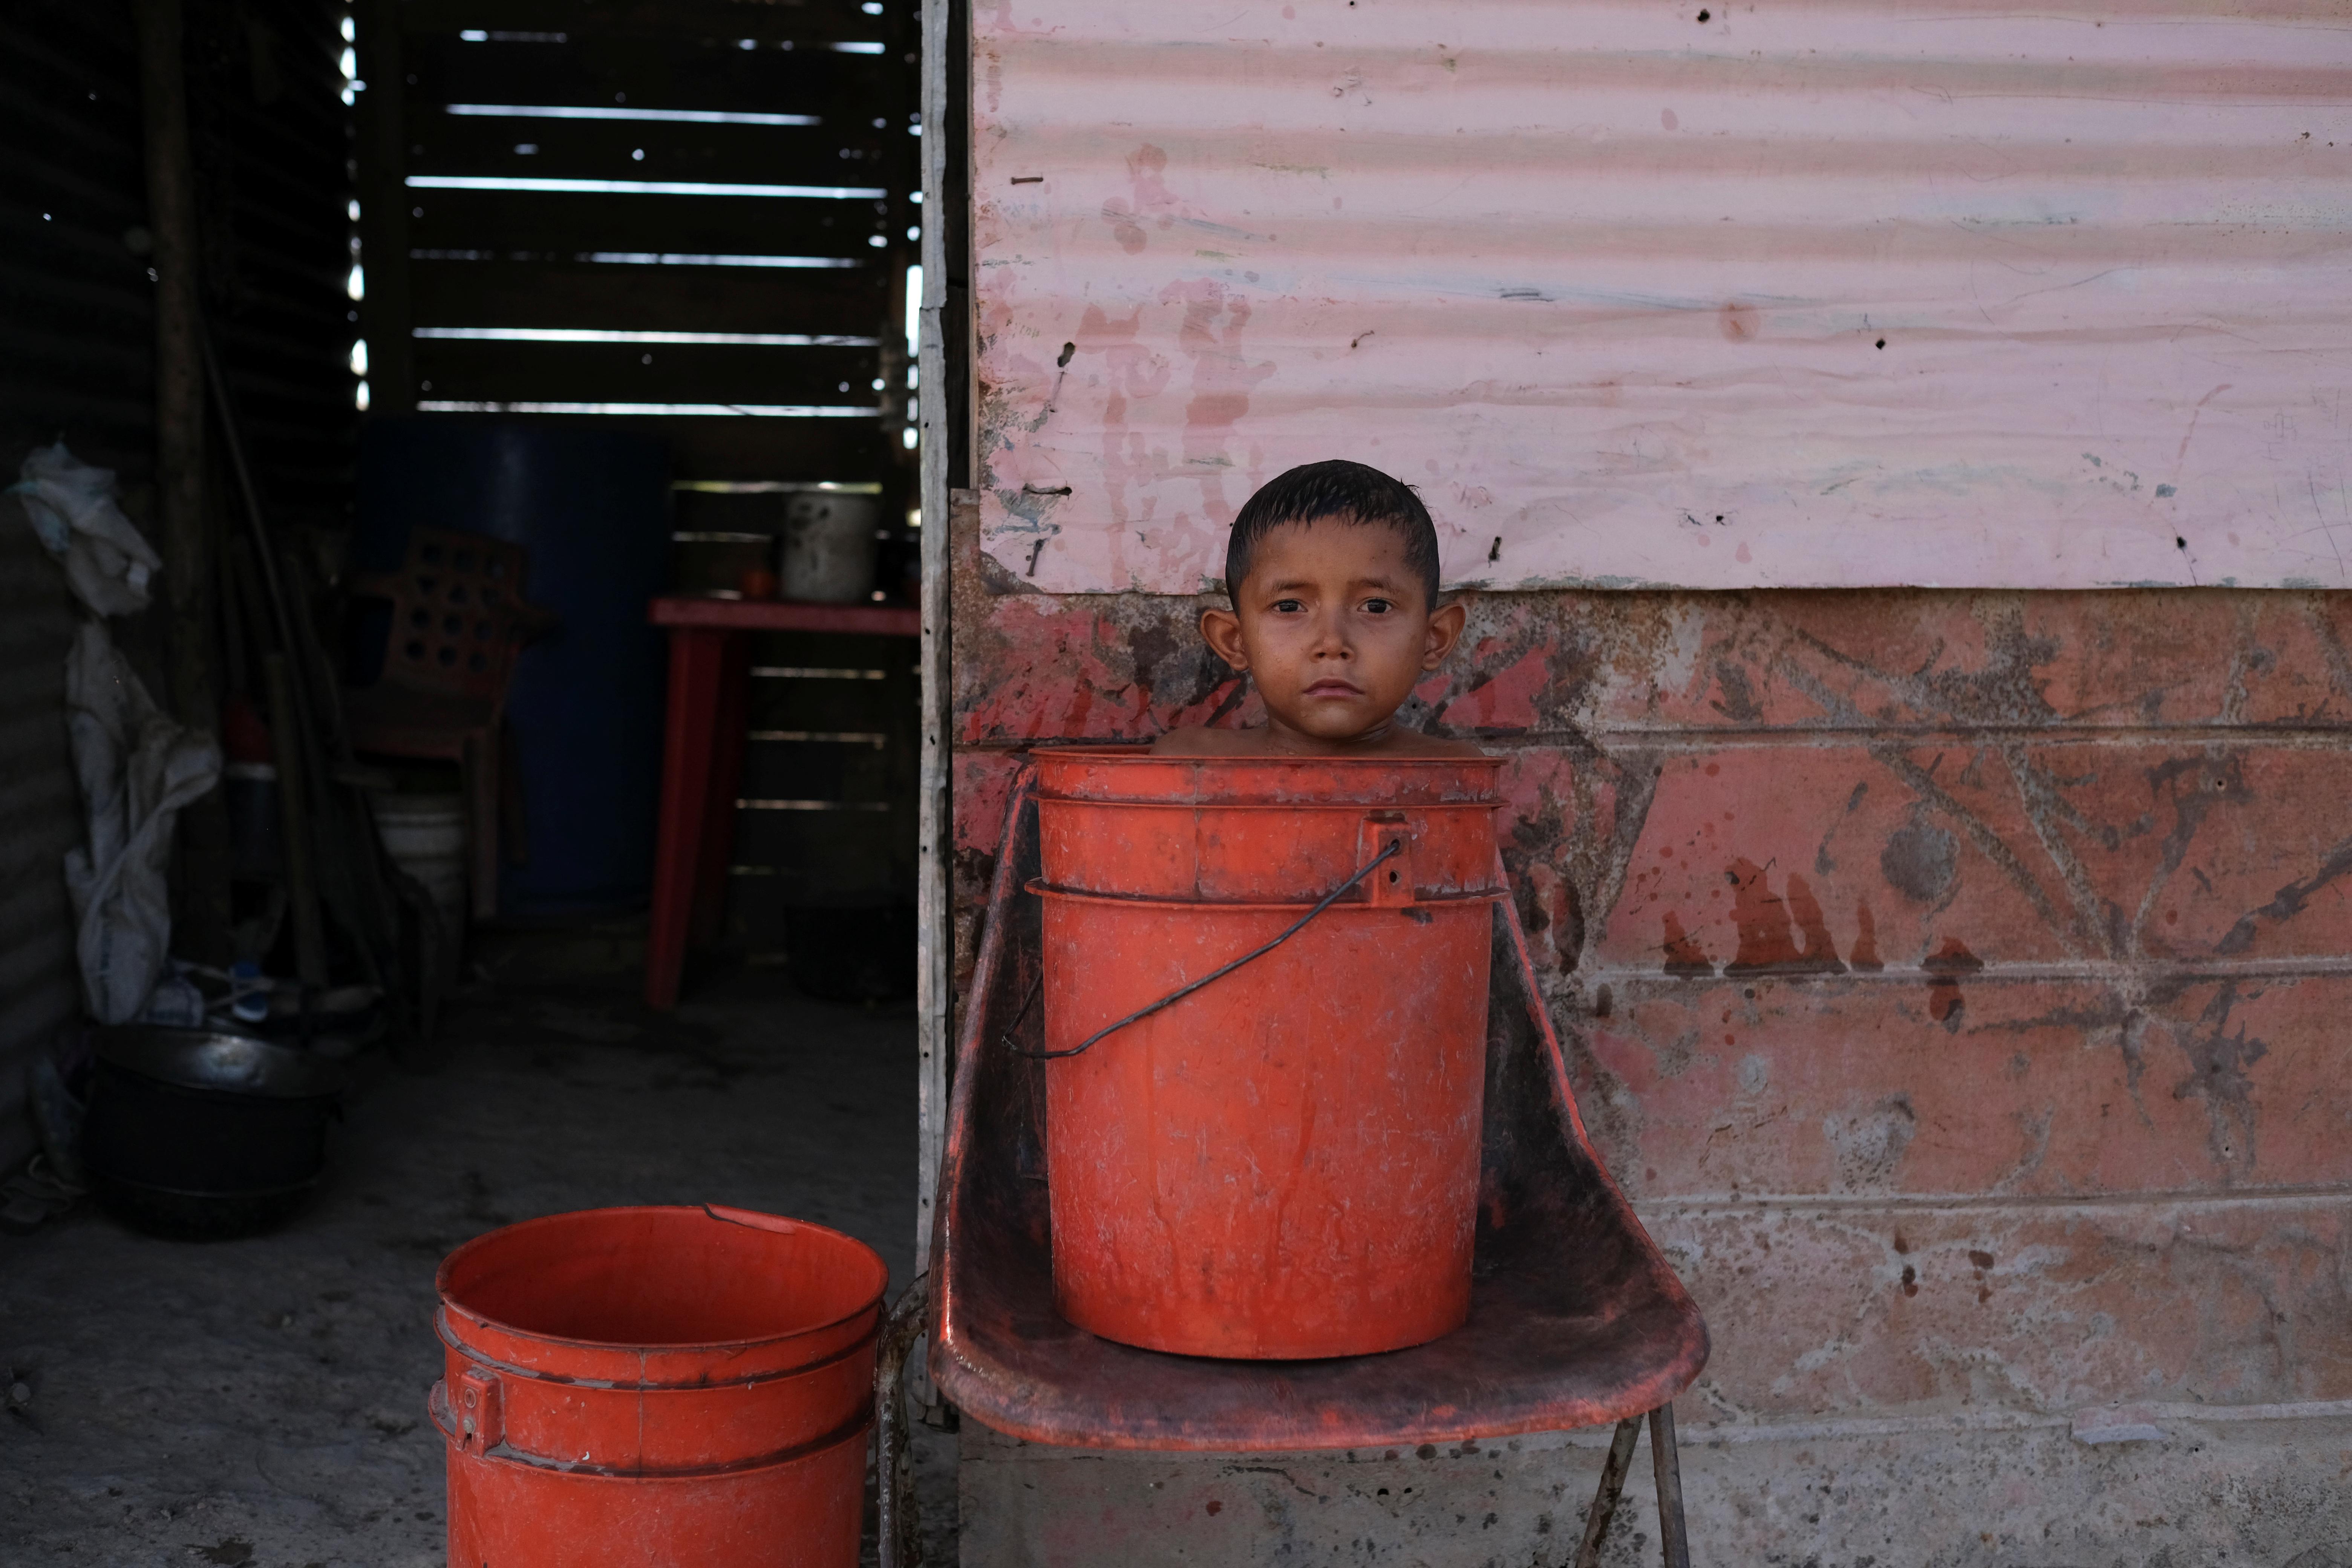 José María, de 6 años, con bajo peso para su edad y diagnosticado con desnutrición según su madre Rosa Rojas, se baña frente a su casa en Barquisimeto (REUTERS/Carlos García Rawlins)